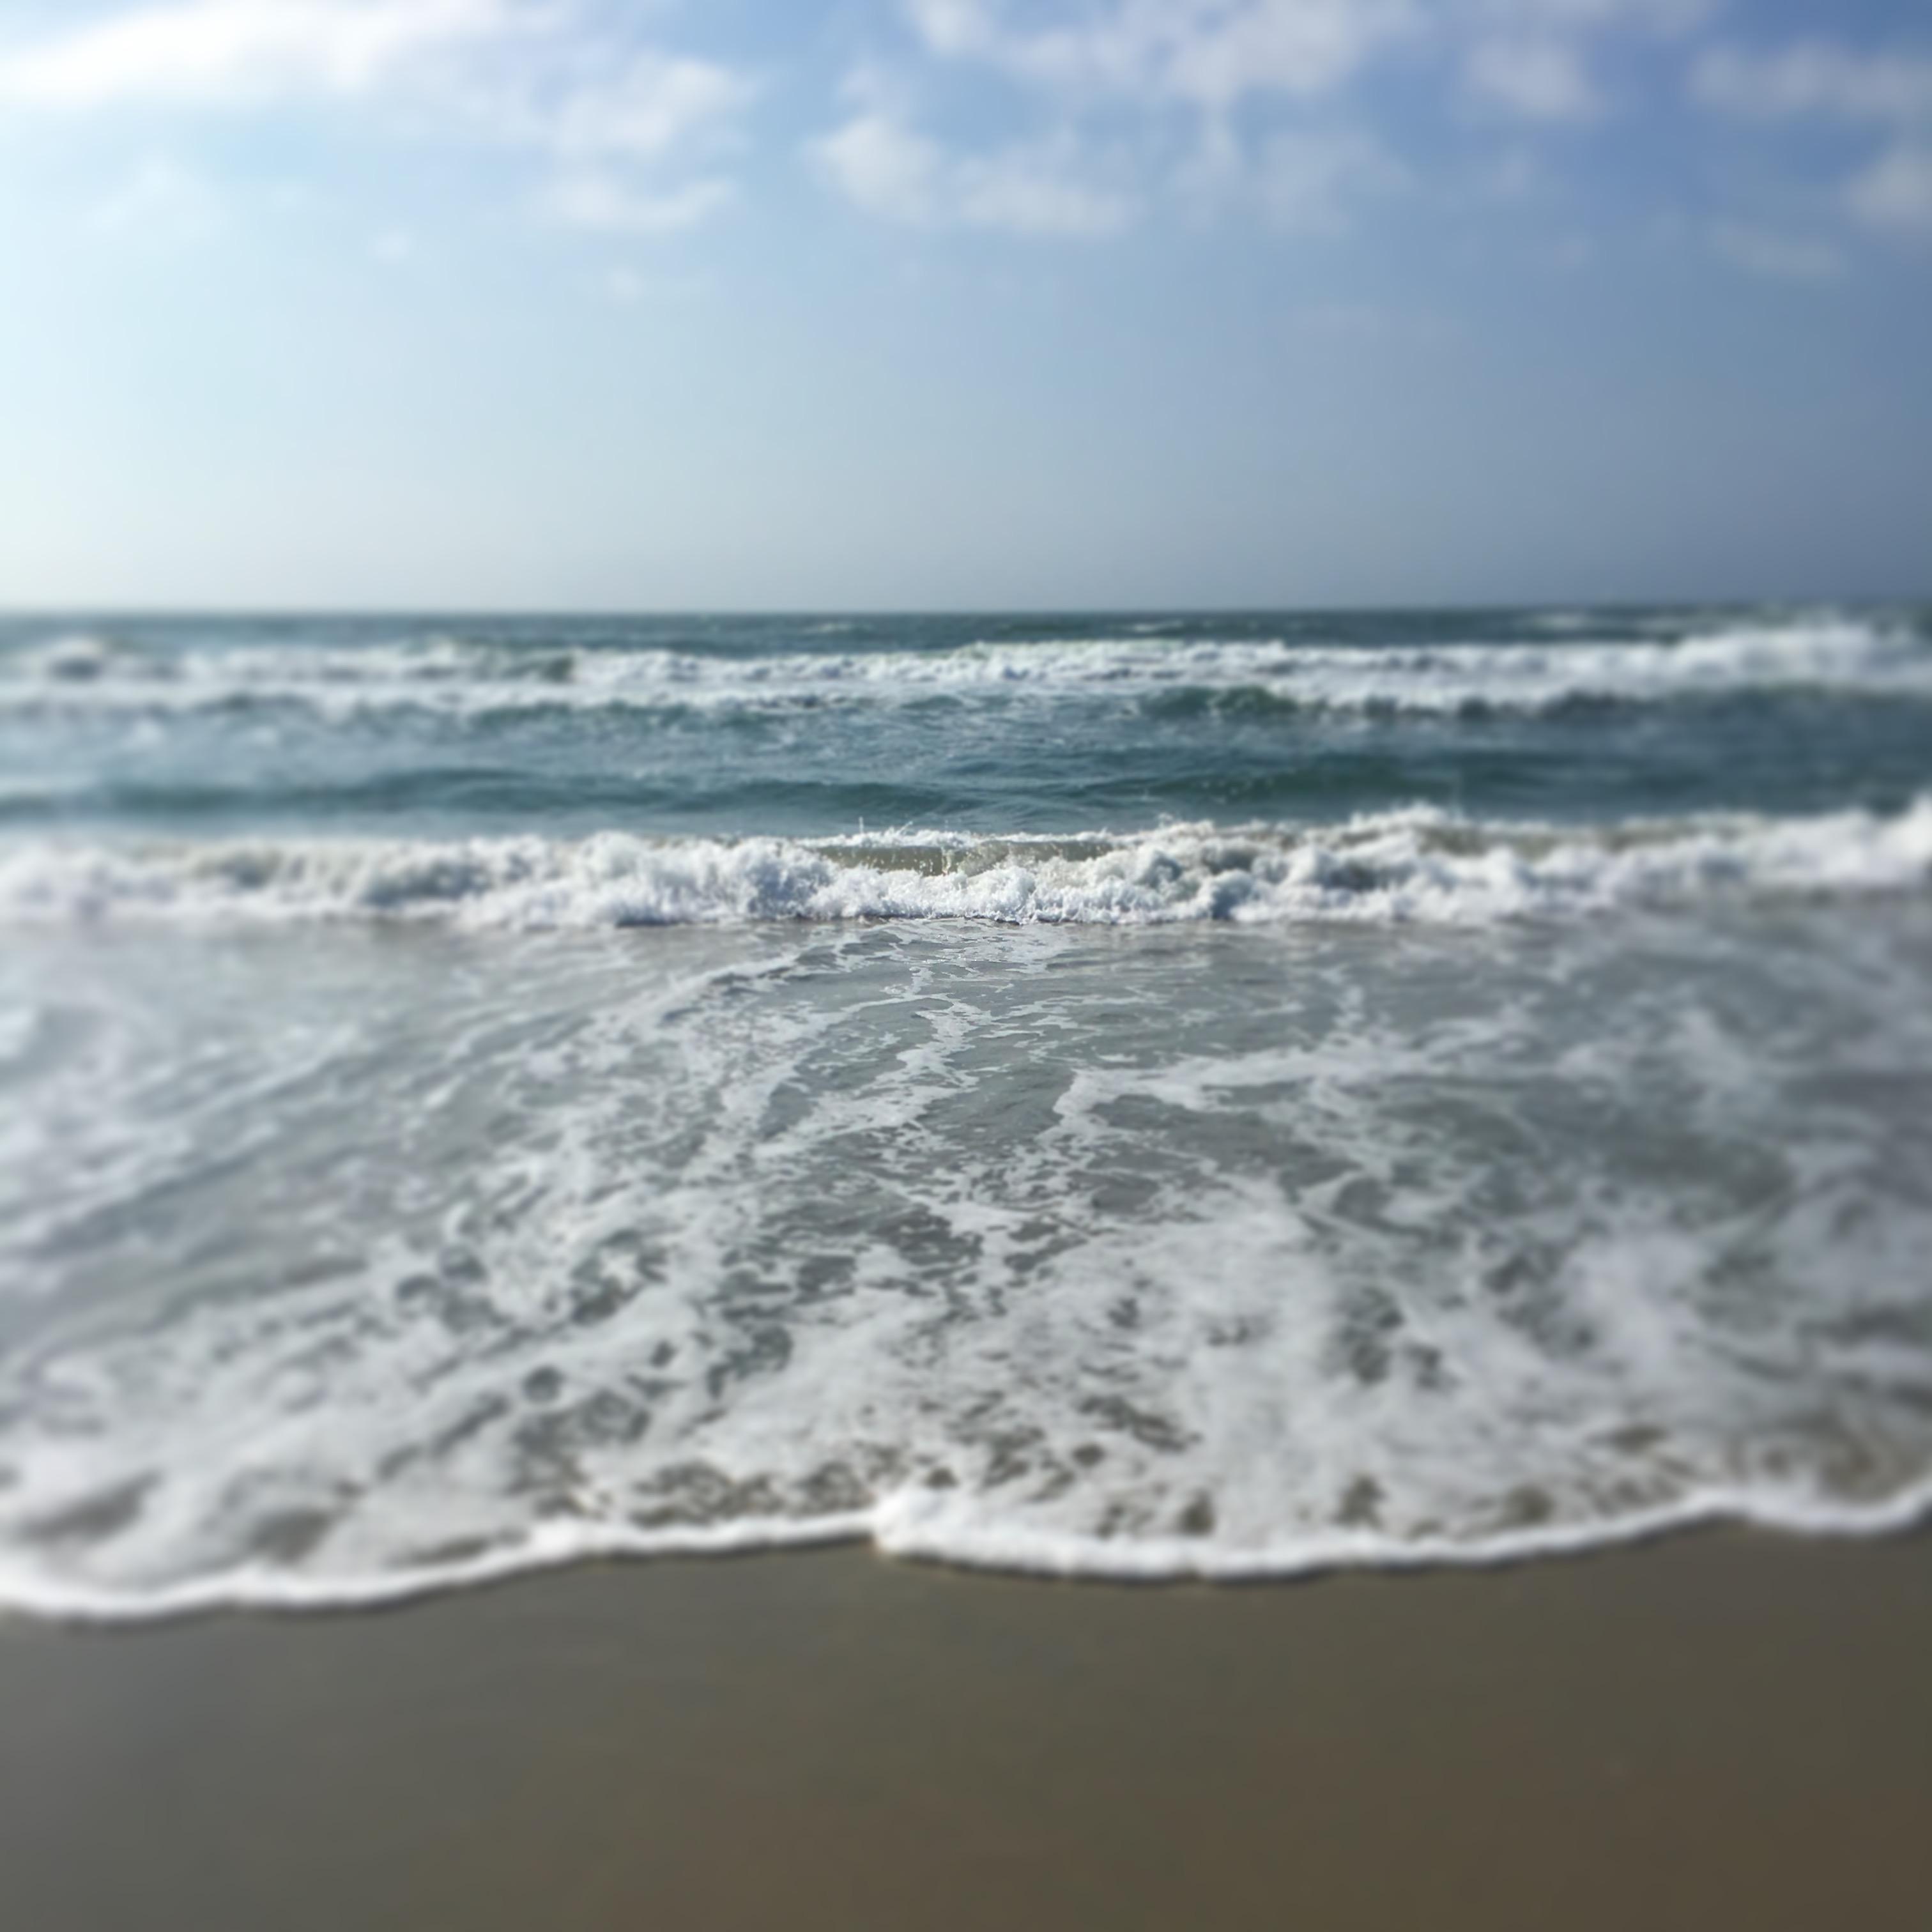 reiki4.beach